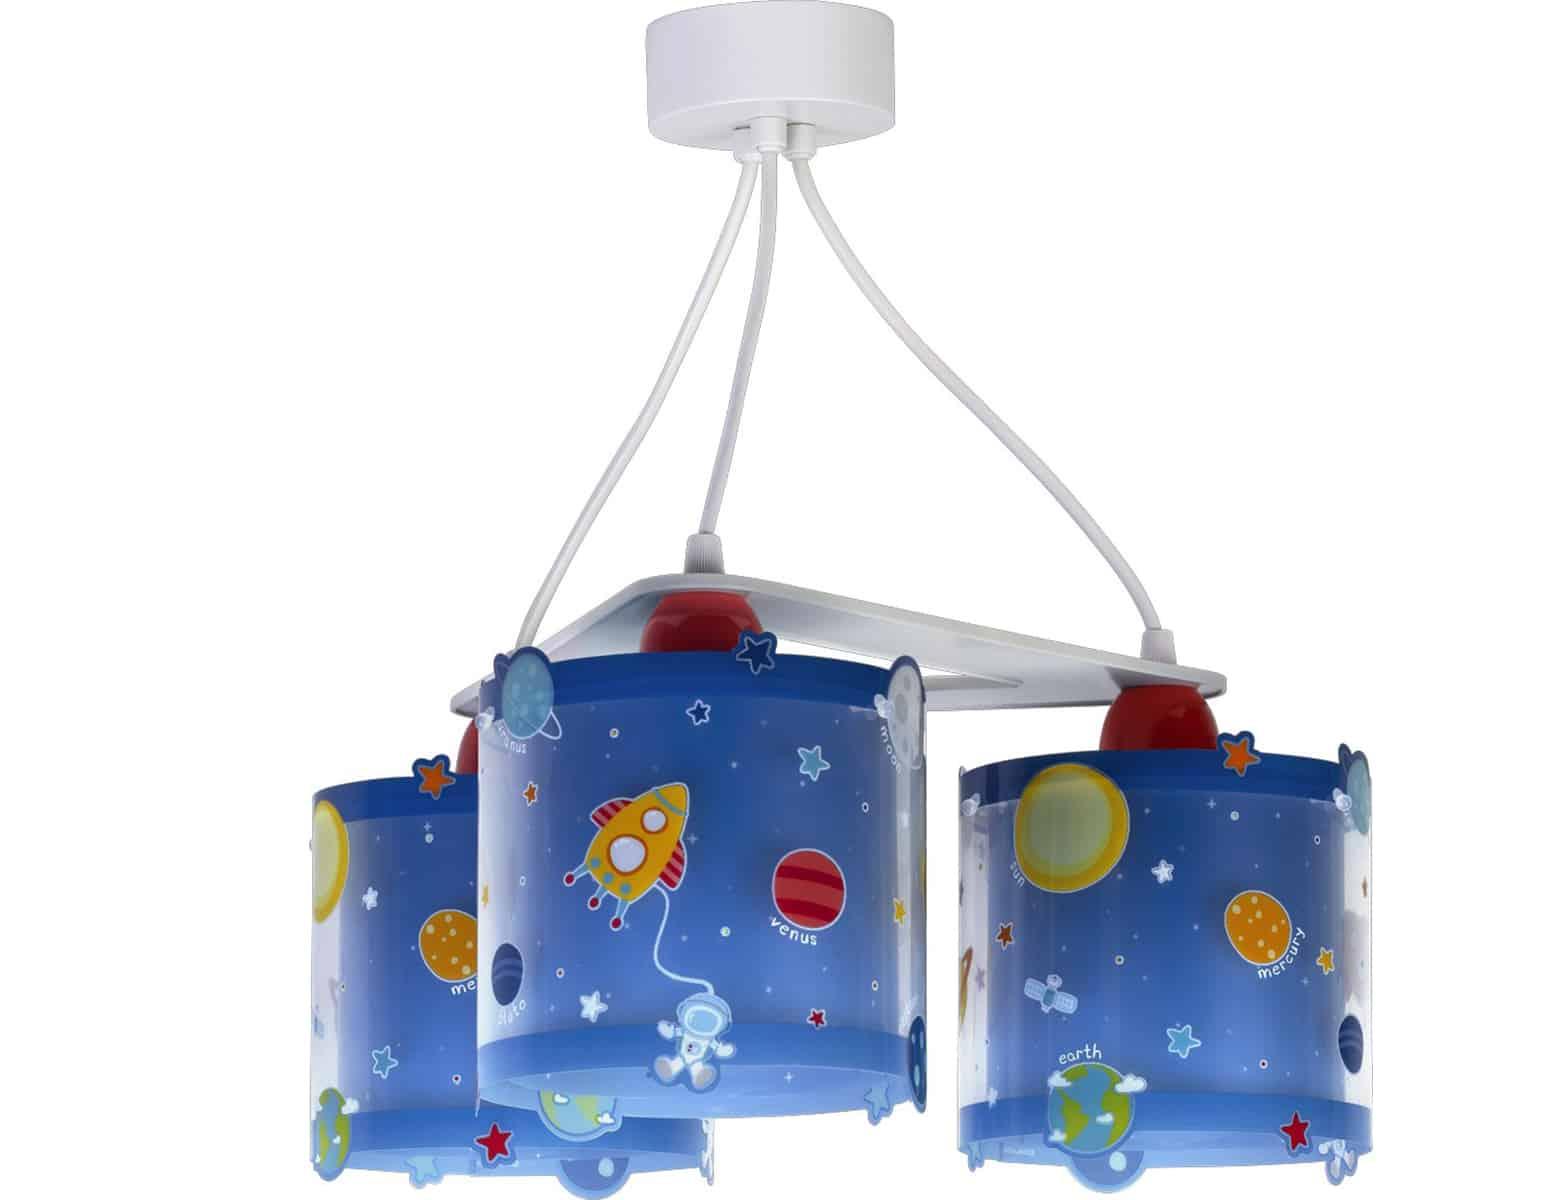 Φωτιστικό Οροφής 3Φωτο Planets Ango 39x39x52εκ. 41344 (Υλικό: Πλαστικό) - ango - ANGO_41344